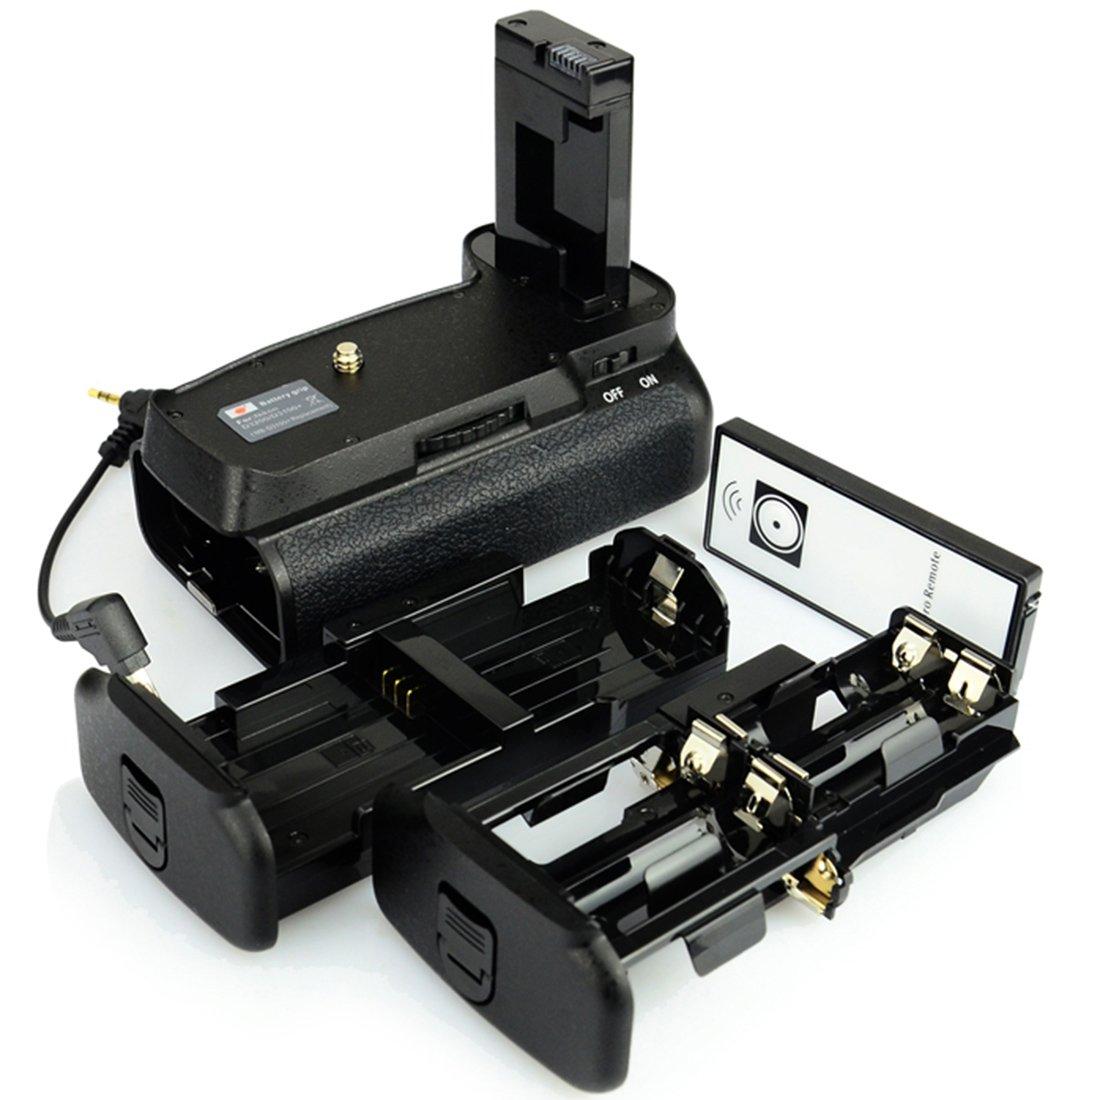 DSTE Pro IR Remote MB-D31 Vertical Battery Grip for Nikon D3100 D3200 D3300 D5300 SLR Digital Camera as EN-EL14 EN-EL14A